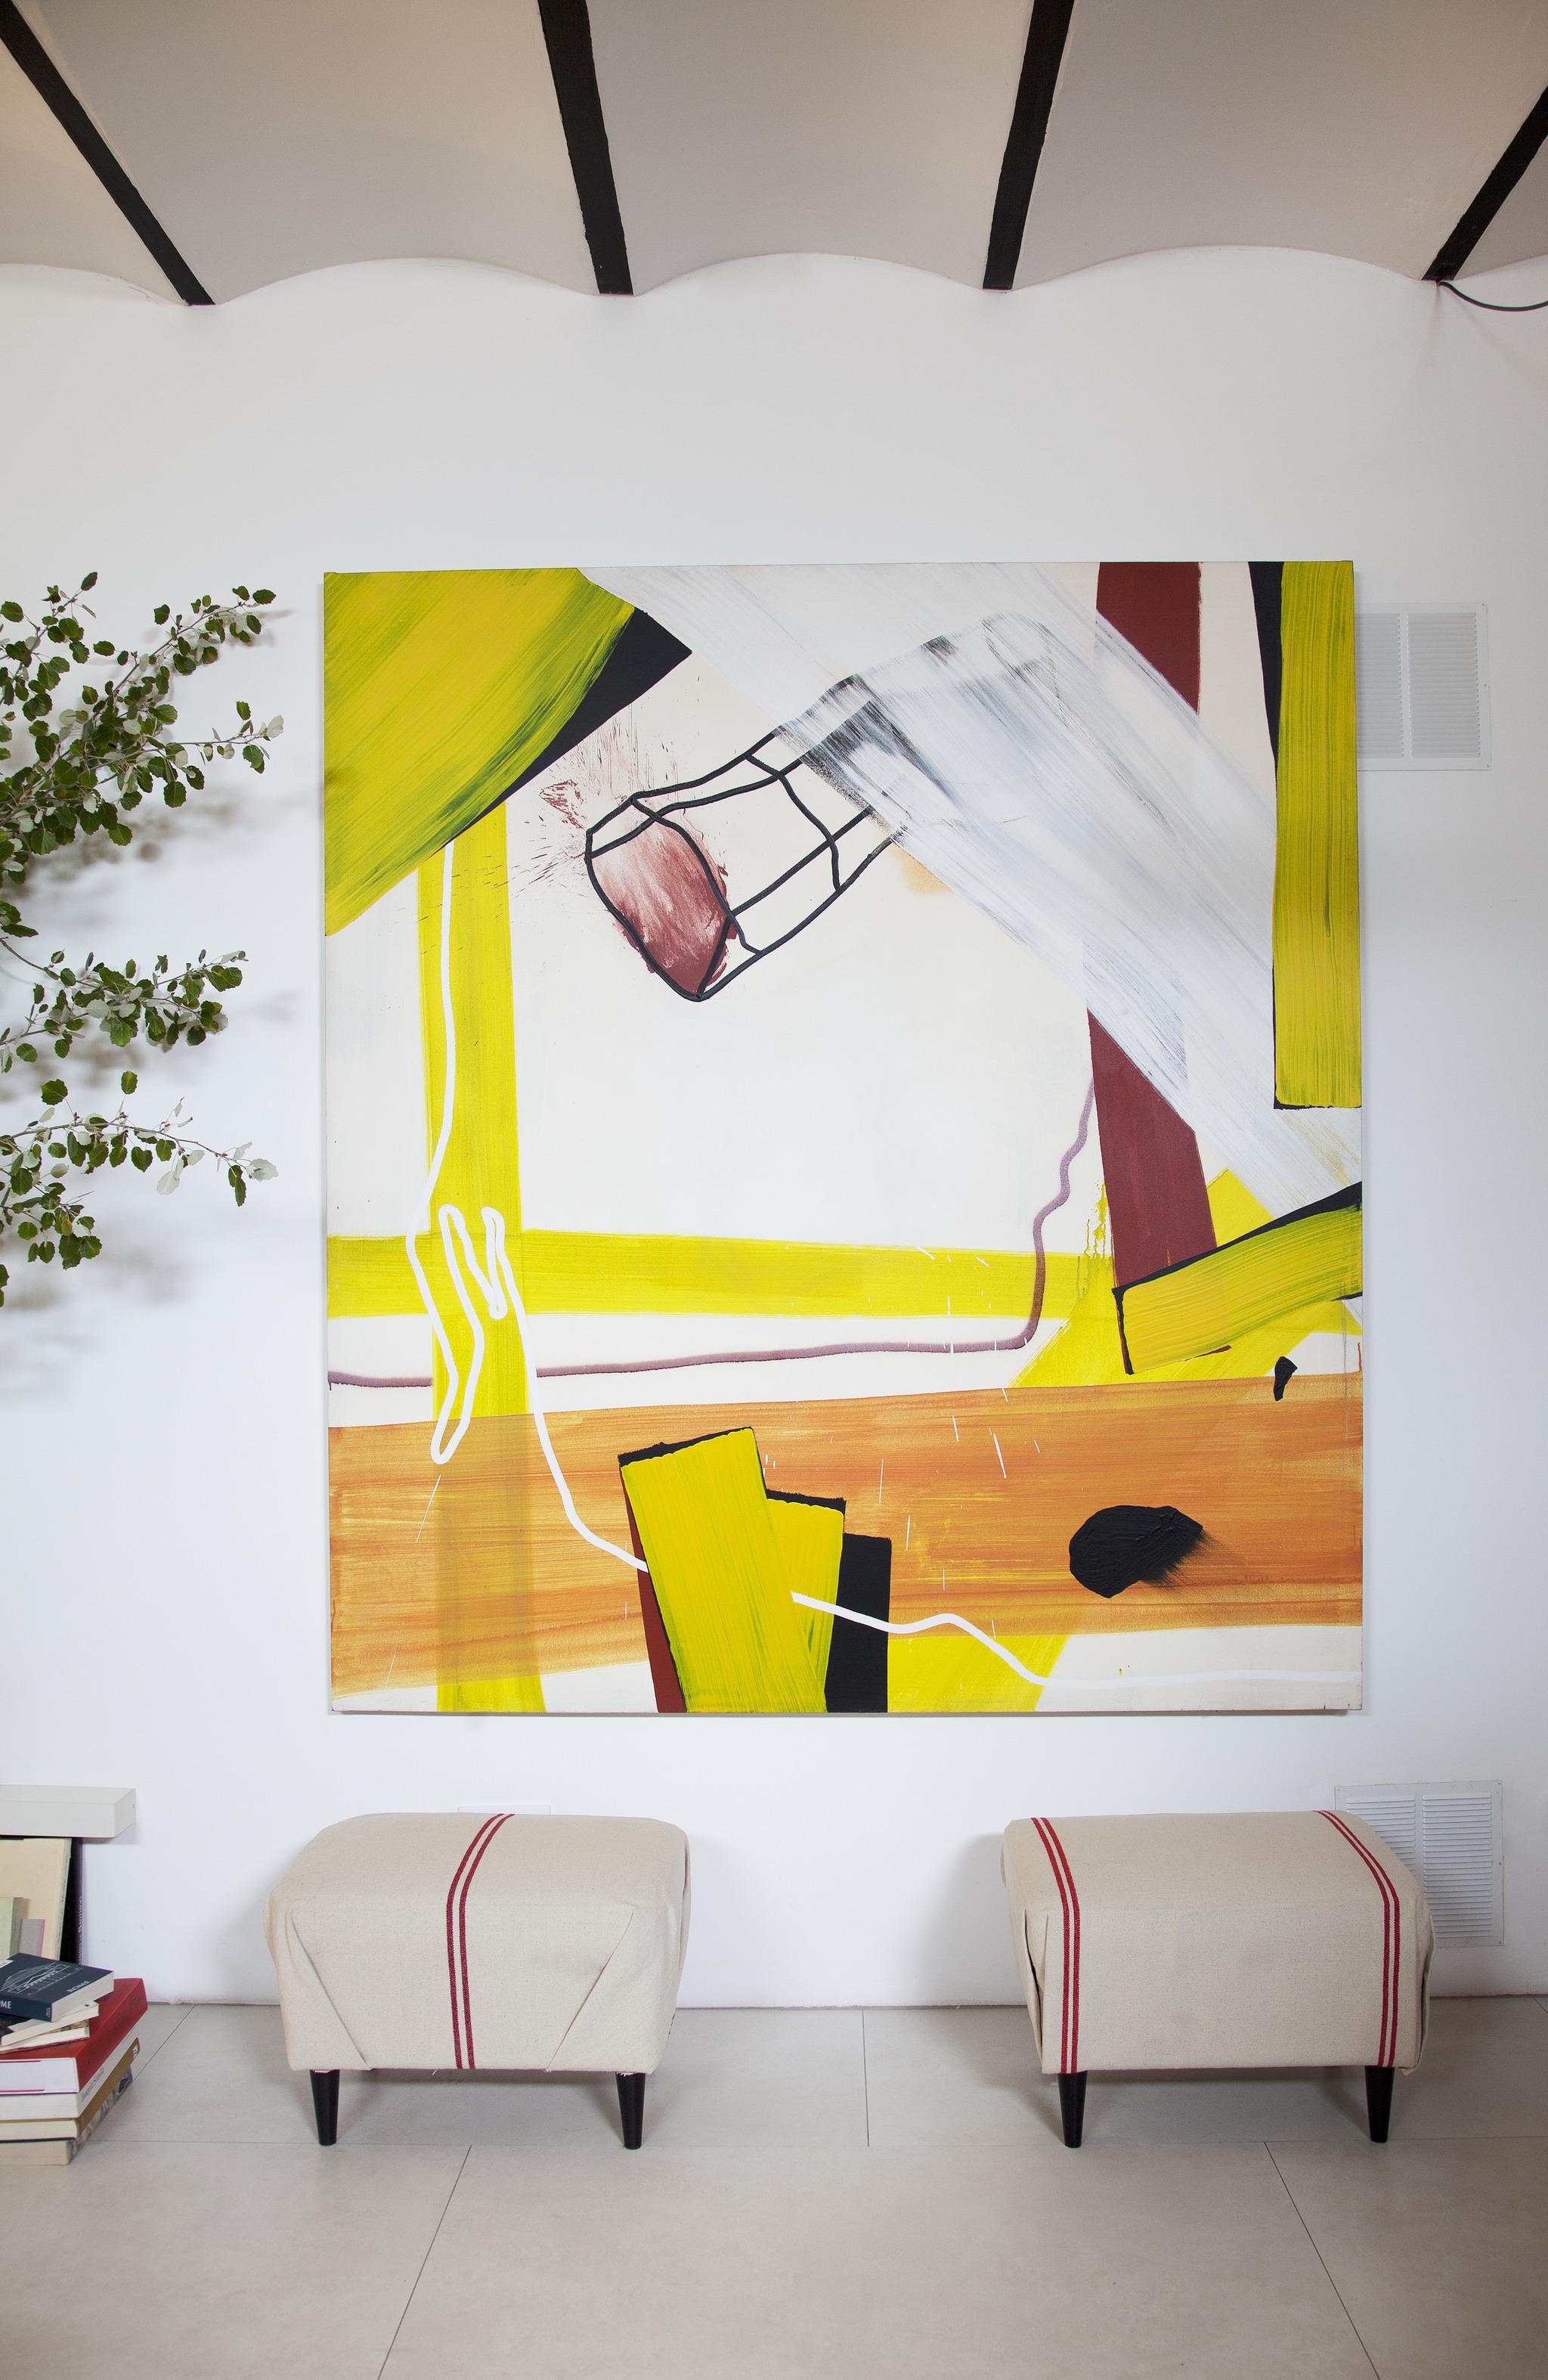 Taburetes de Ikea retapizados y cuadro de Juan Olivares.